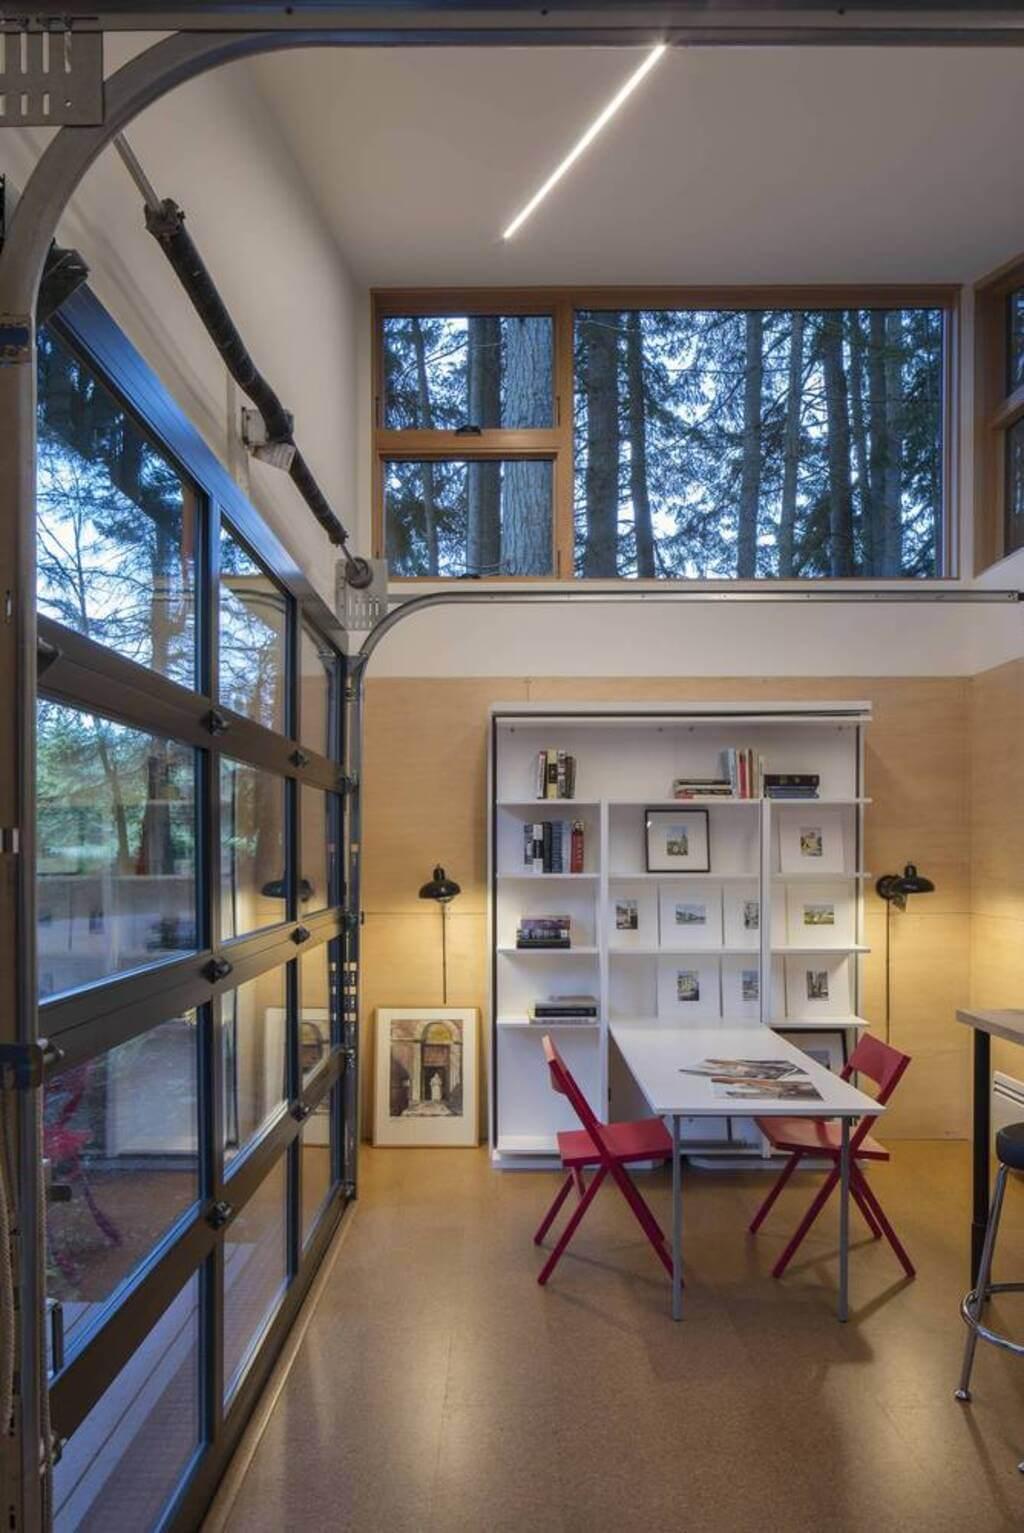 David Van Galen Architecture